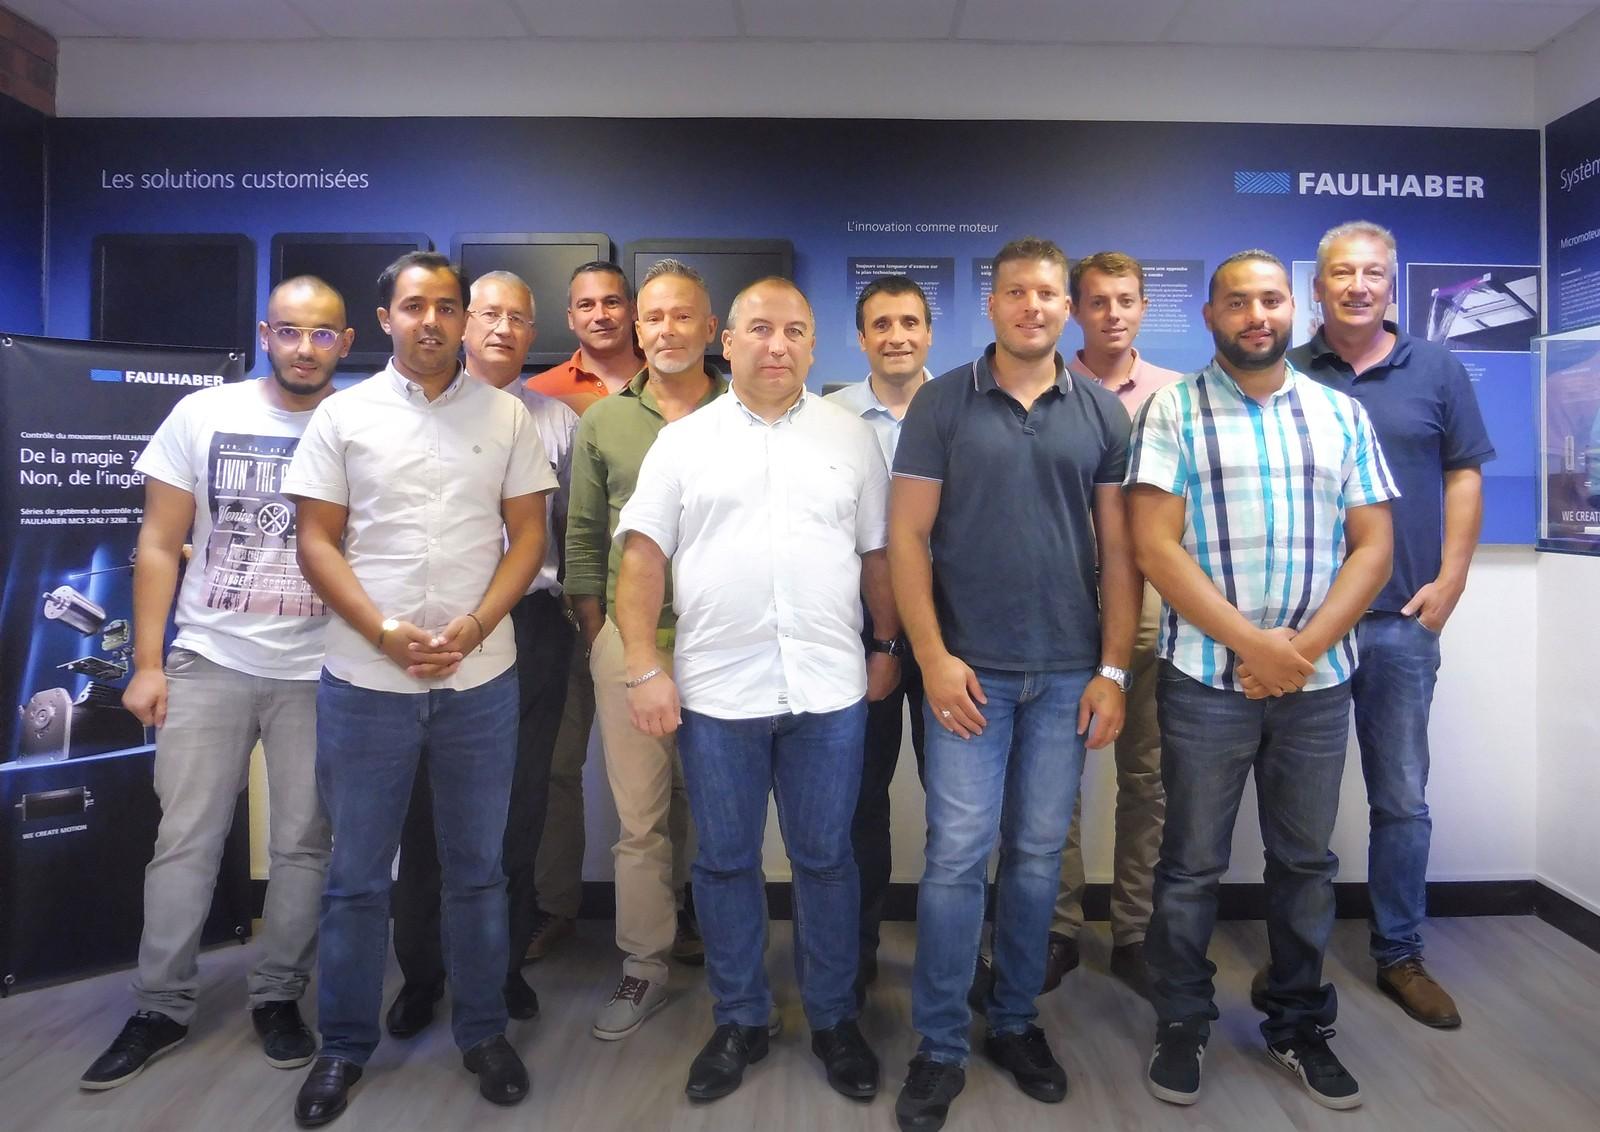 Das Team der Faulhaber France SAS. Nach 10 Jahren der Übernahme will man auch in Zukunft weiter erfolgreich wachsen.